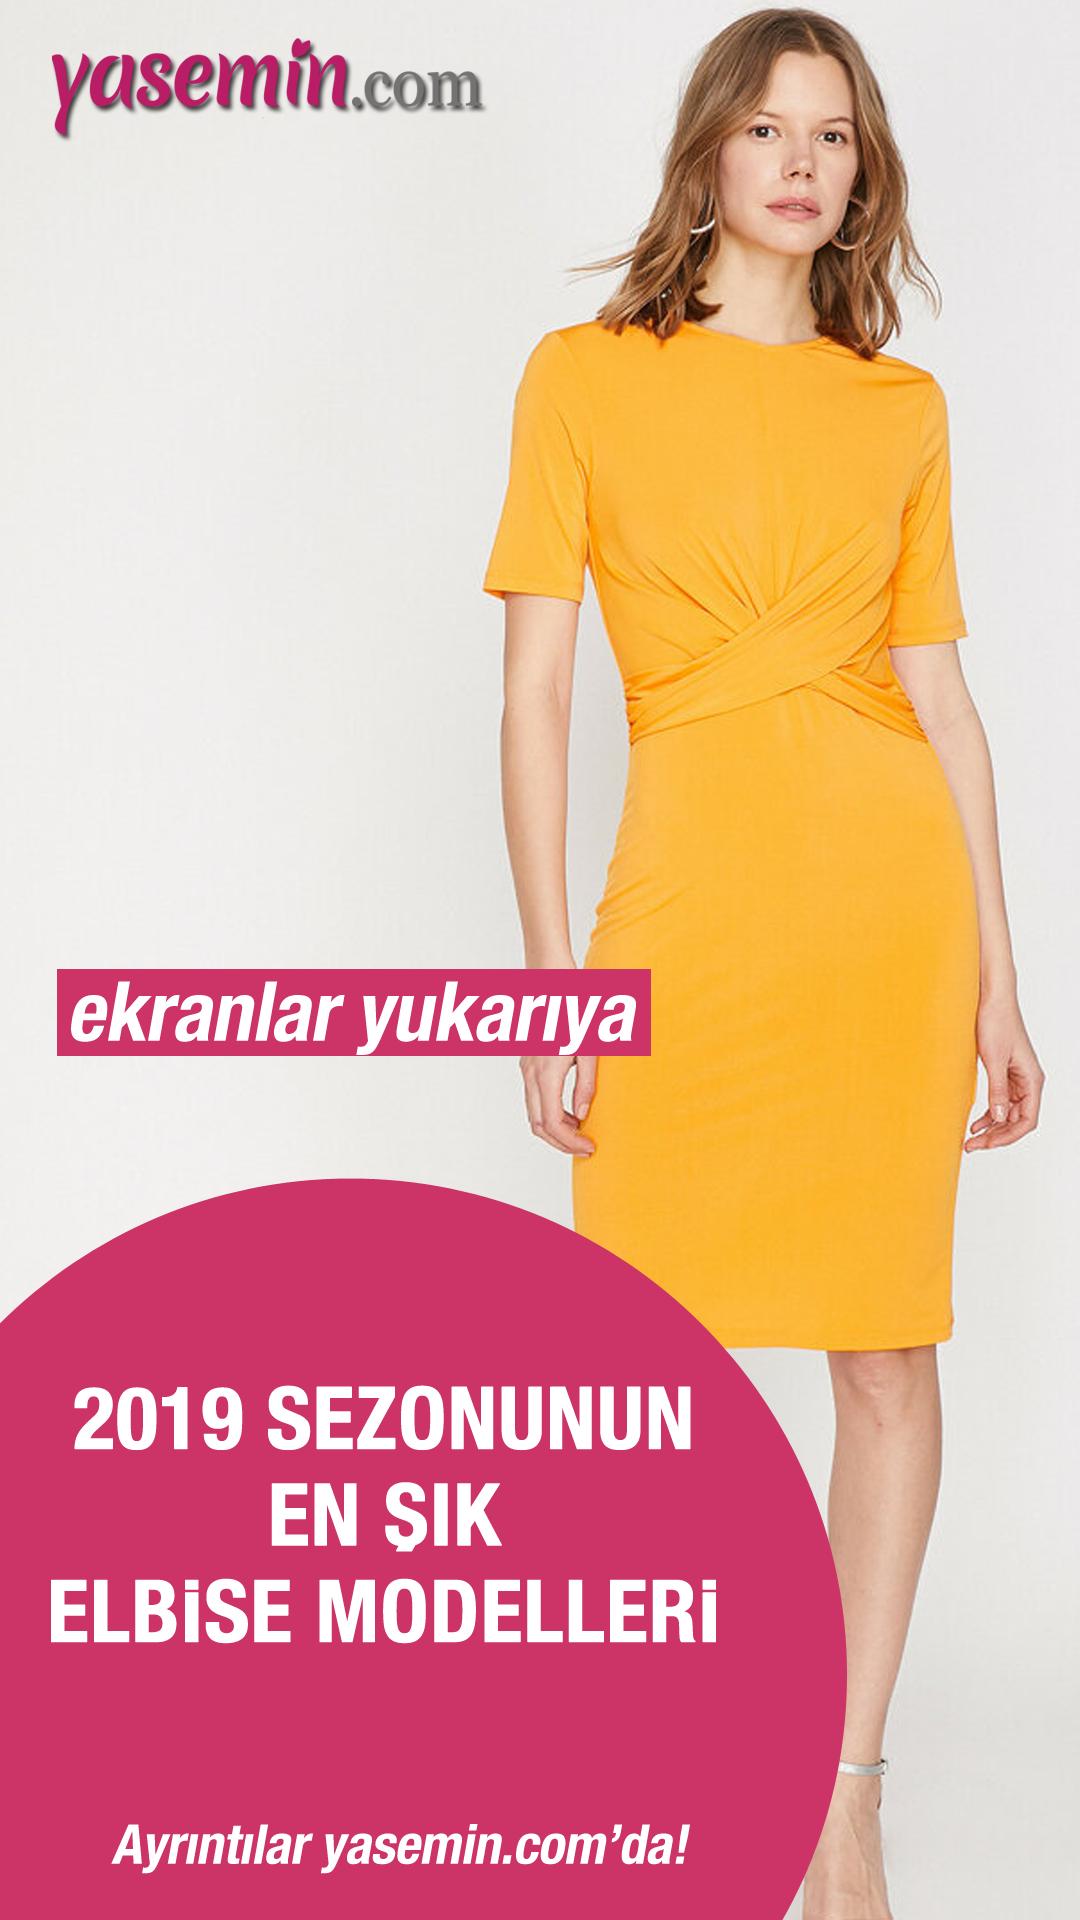 08a70b419b826 Bu sezonun adı tiril tiril elbiseler. İlkbahar ve yaz sezonunun elbise  modelleri kataloglardaki yerini almaya